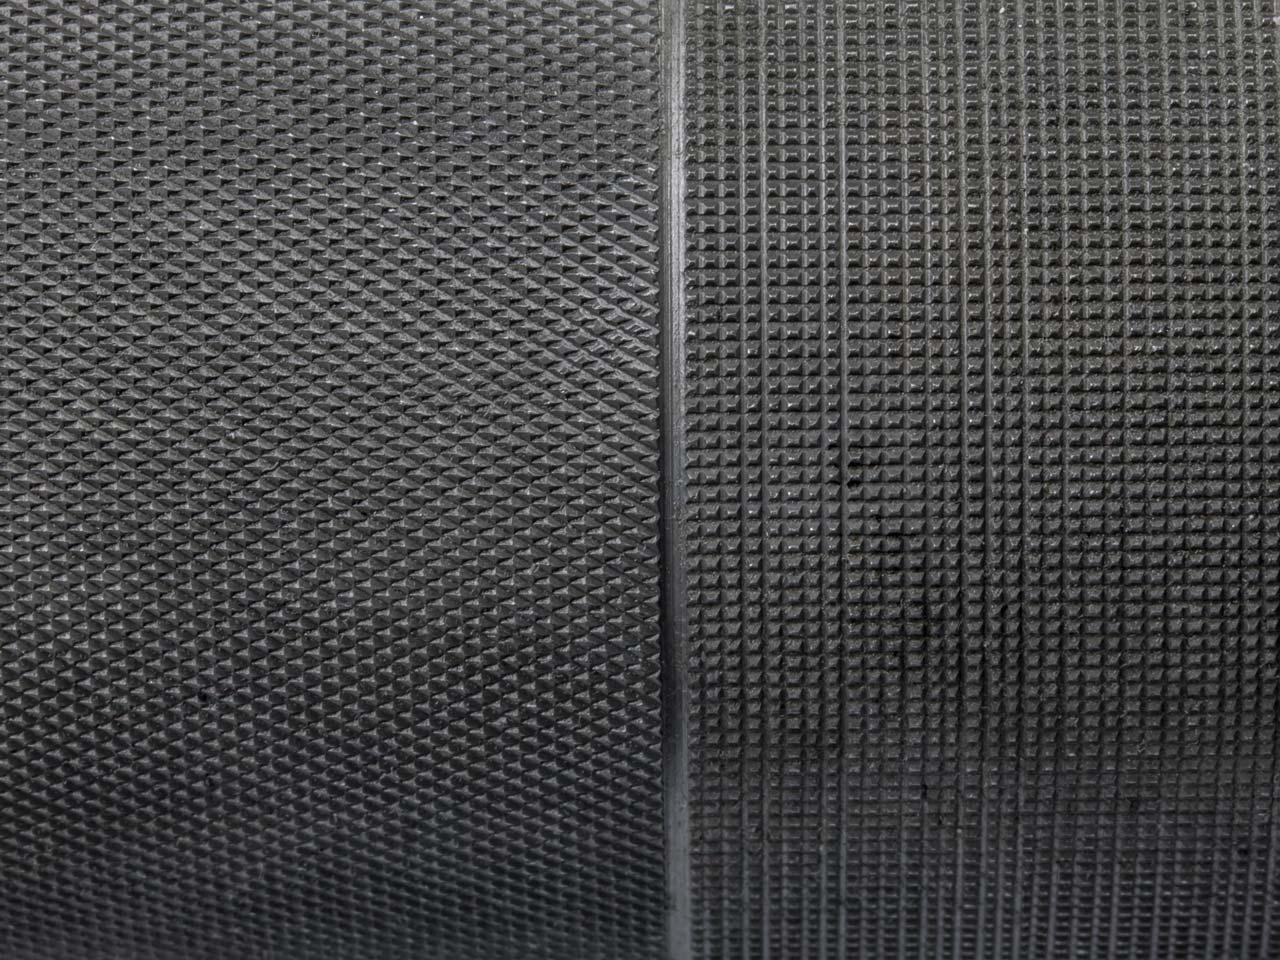 Cooksongold azul combinación Joyero/'s Laminador o pedir un rodillo de Repuesto